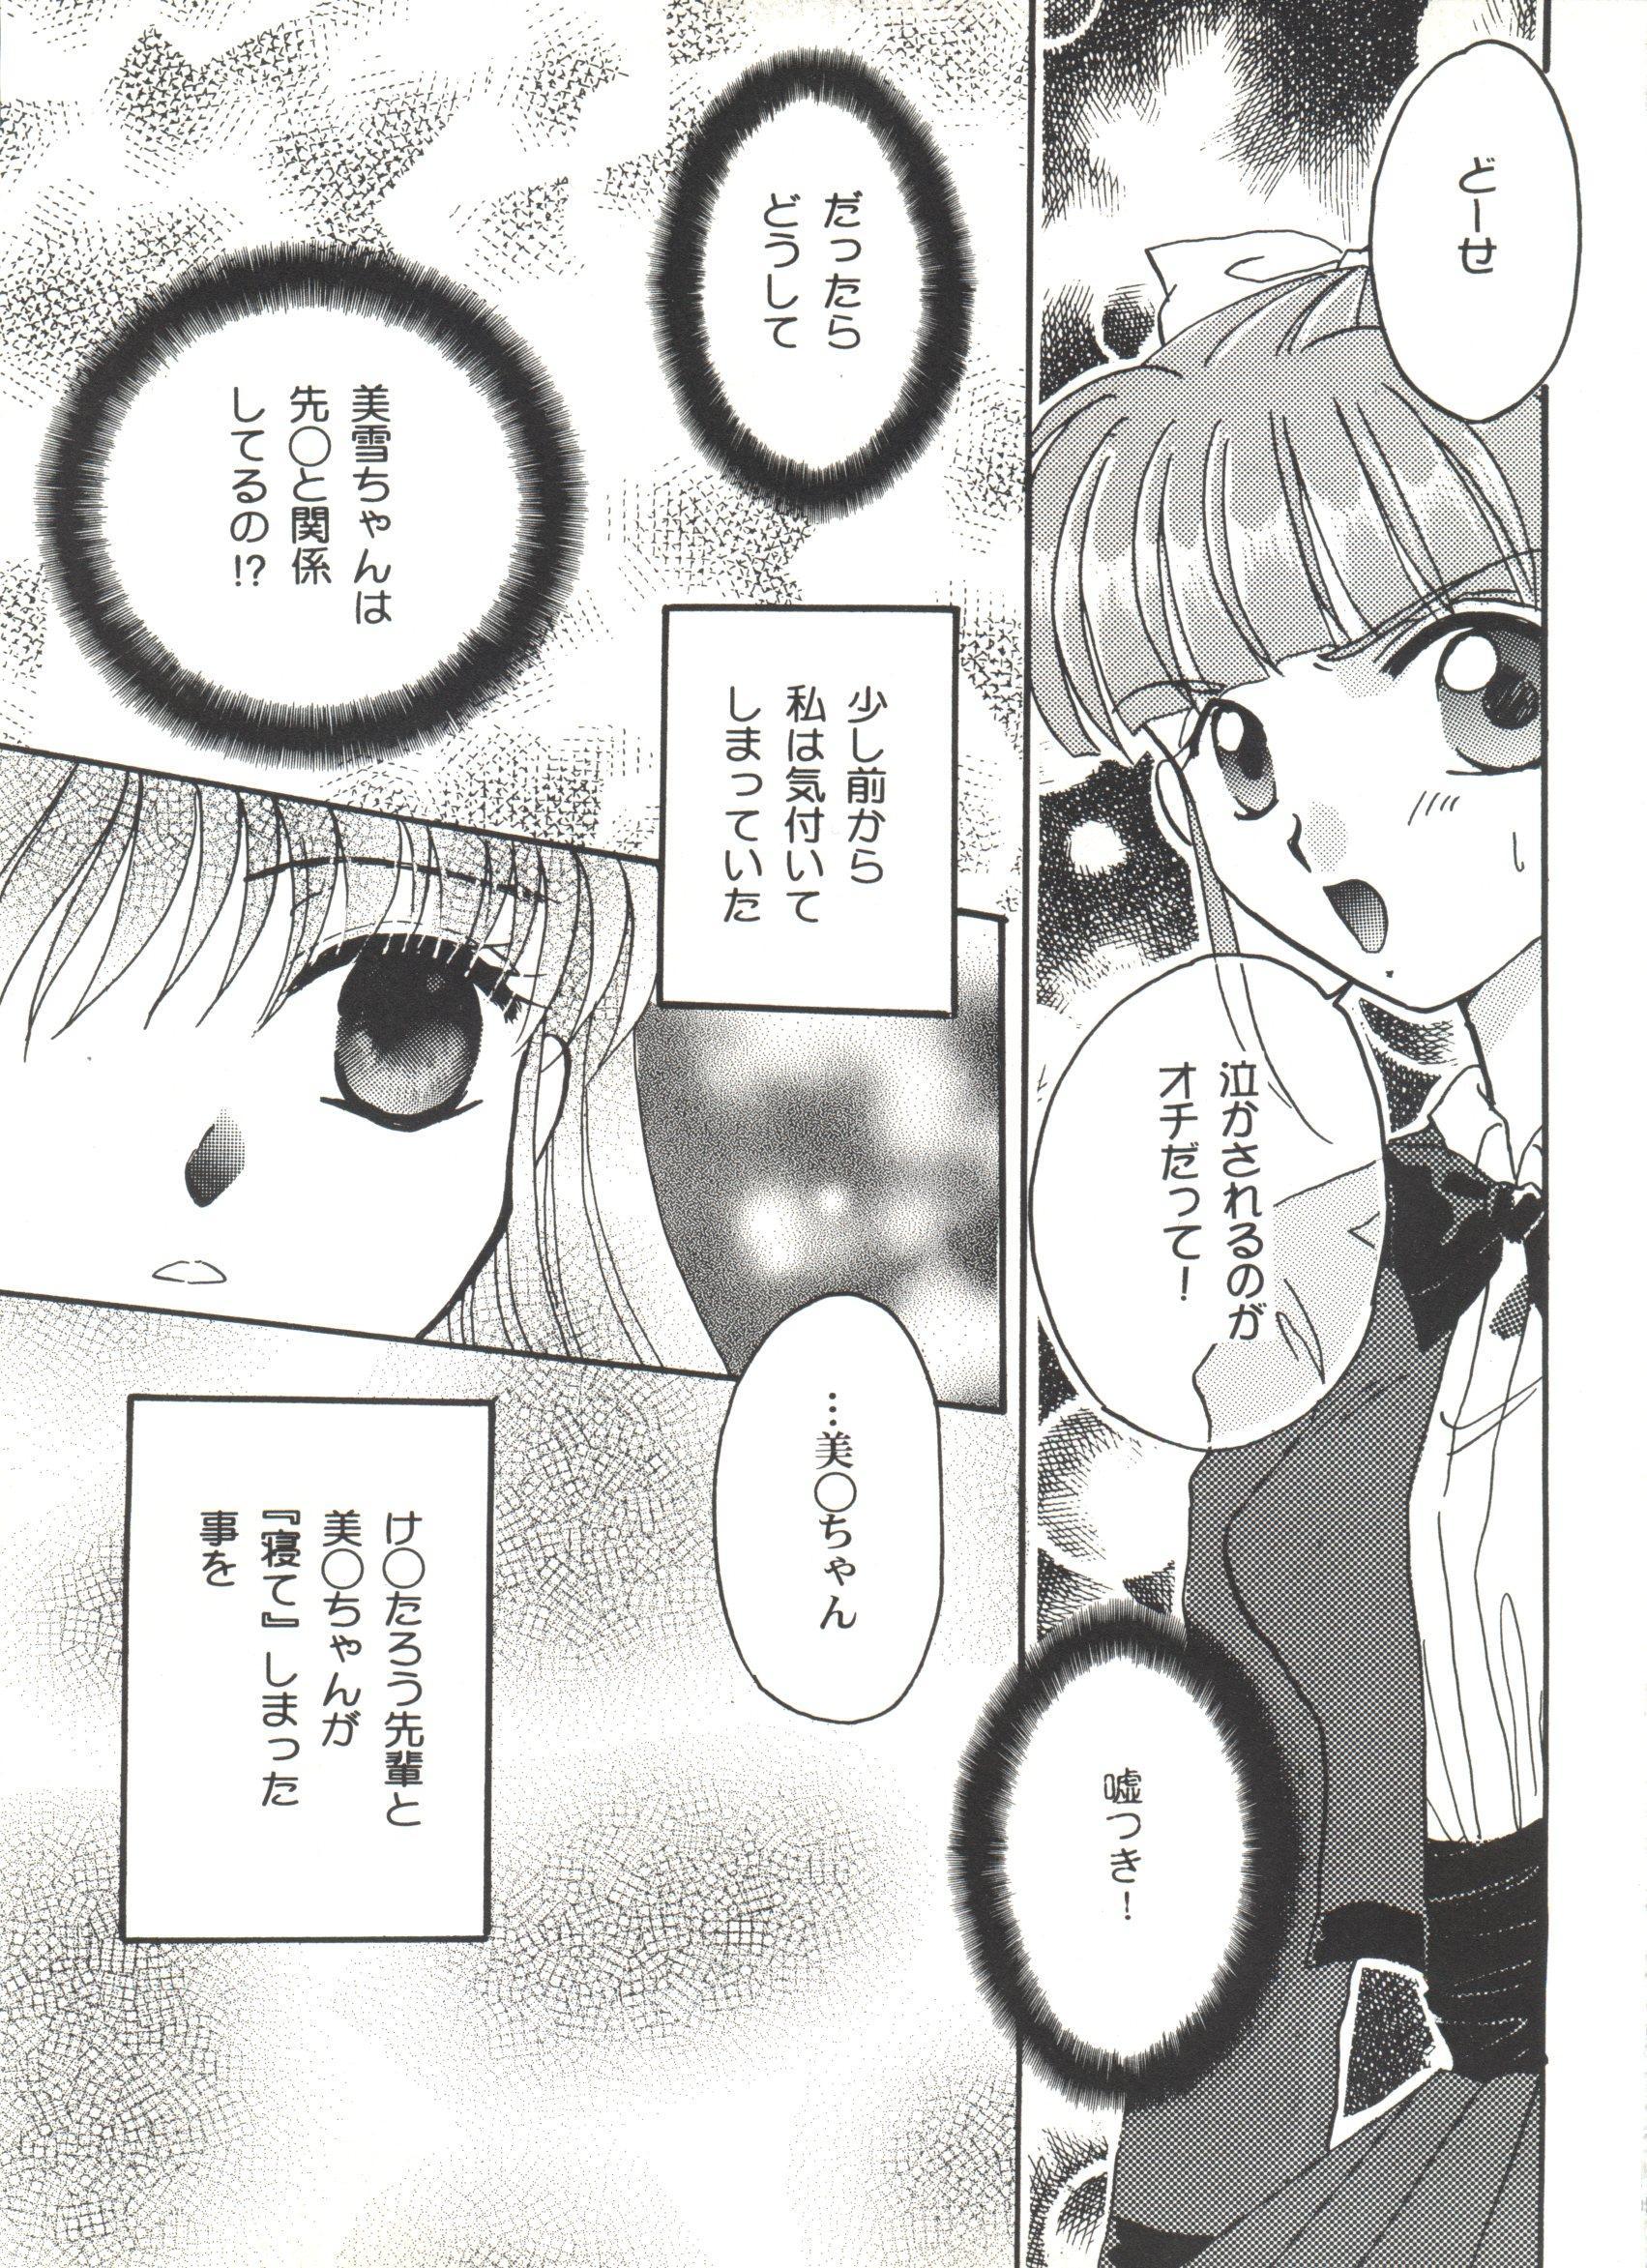 Bishoujo Doujinshi Anthology Cute 5 125